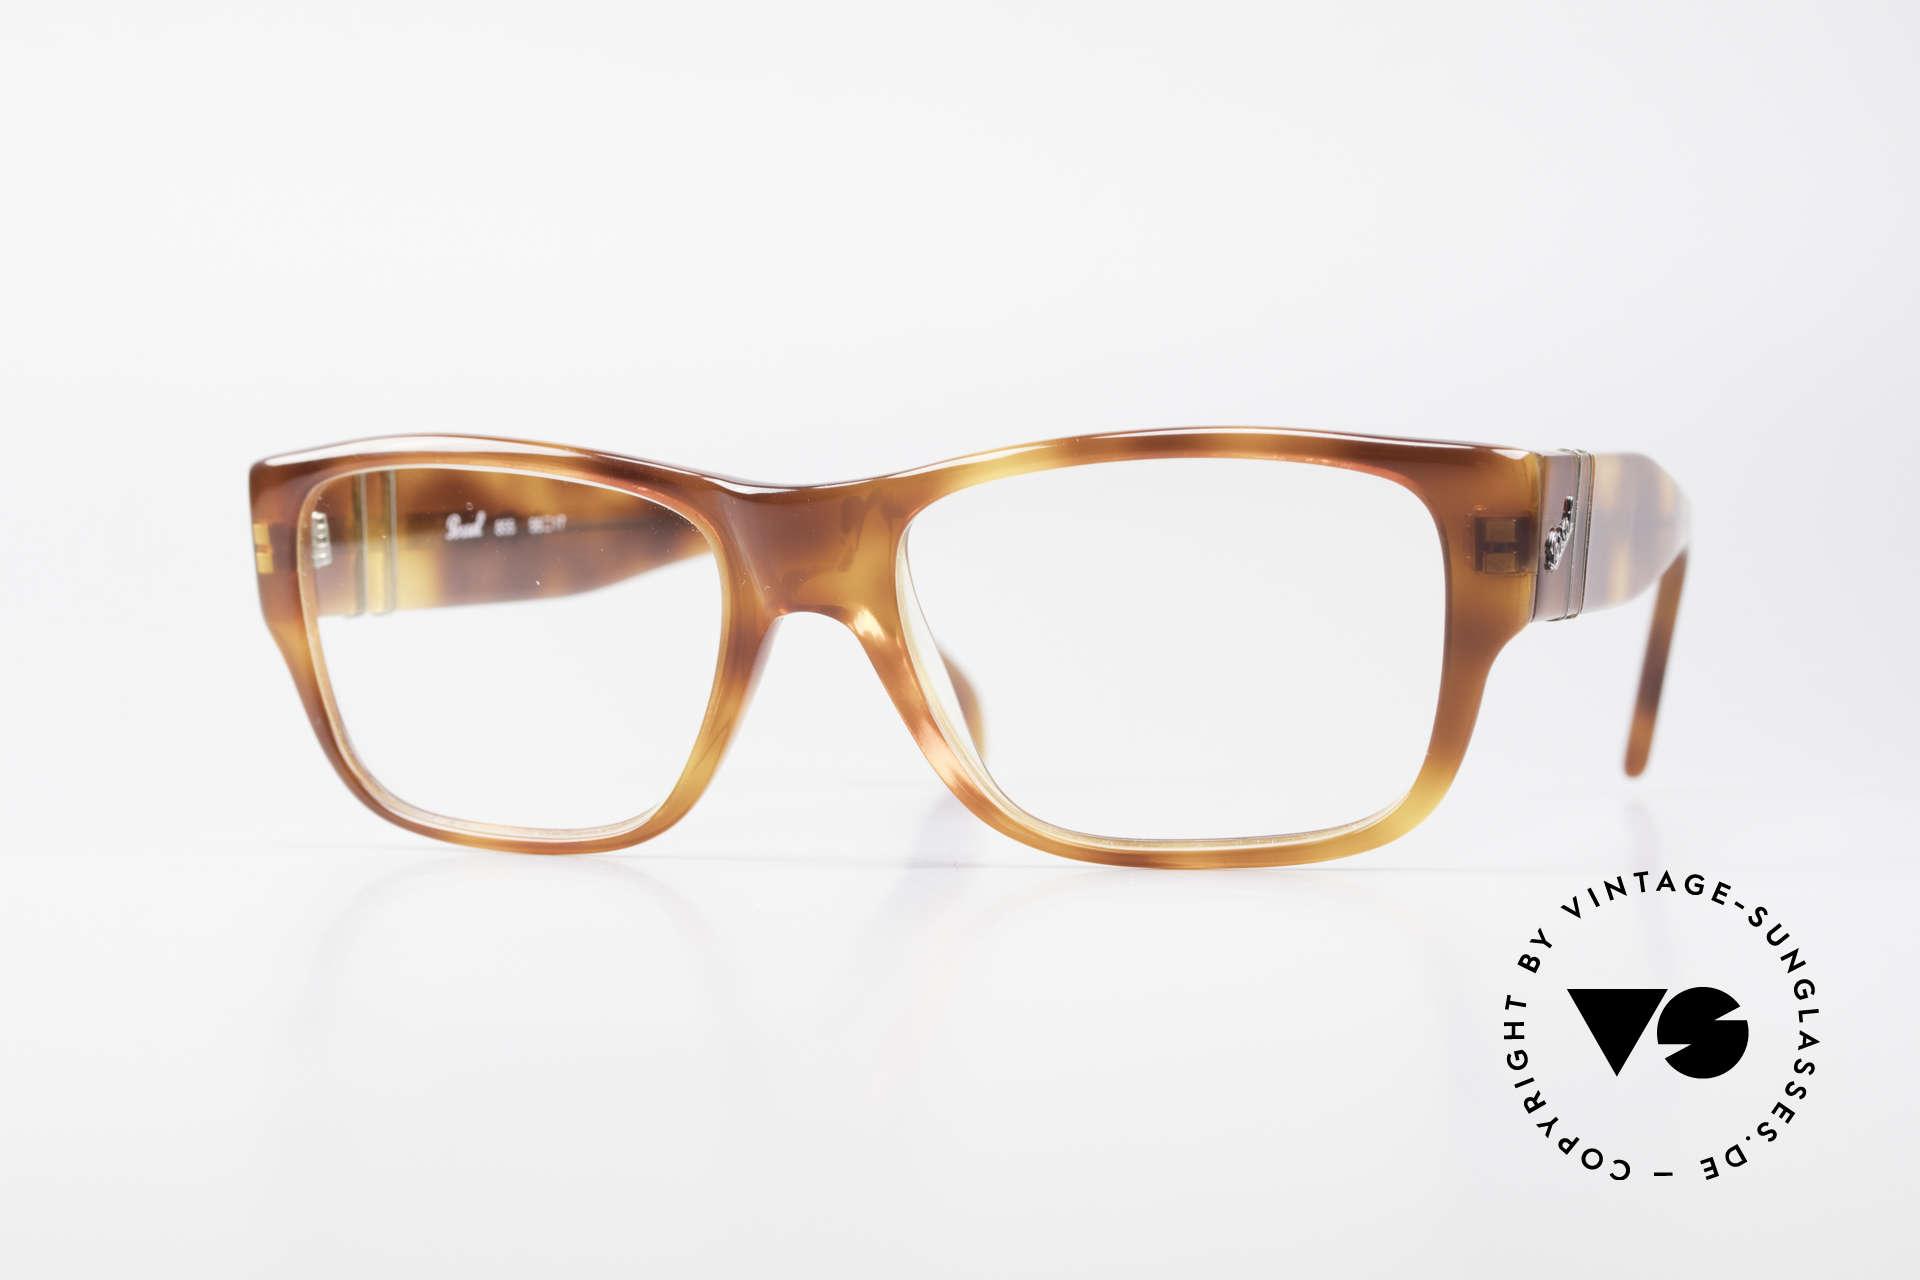 Persol 855 Markante Herren Vintage Brille, elegante vintage Persol Brillenfassung der 1990er, Passend für Herren